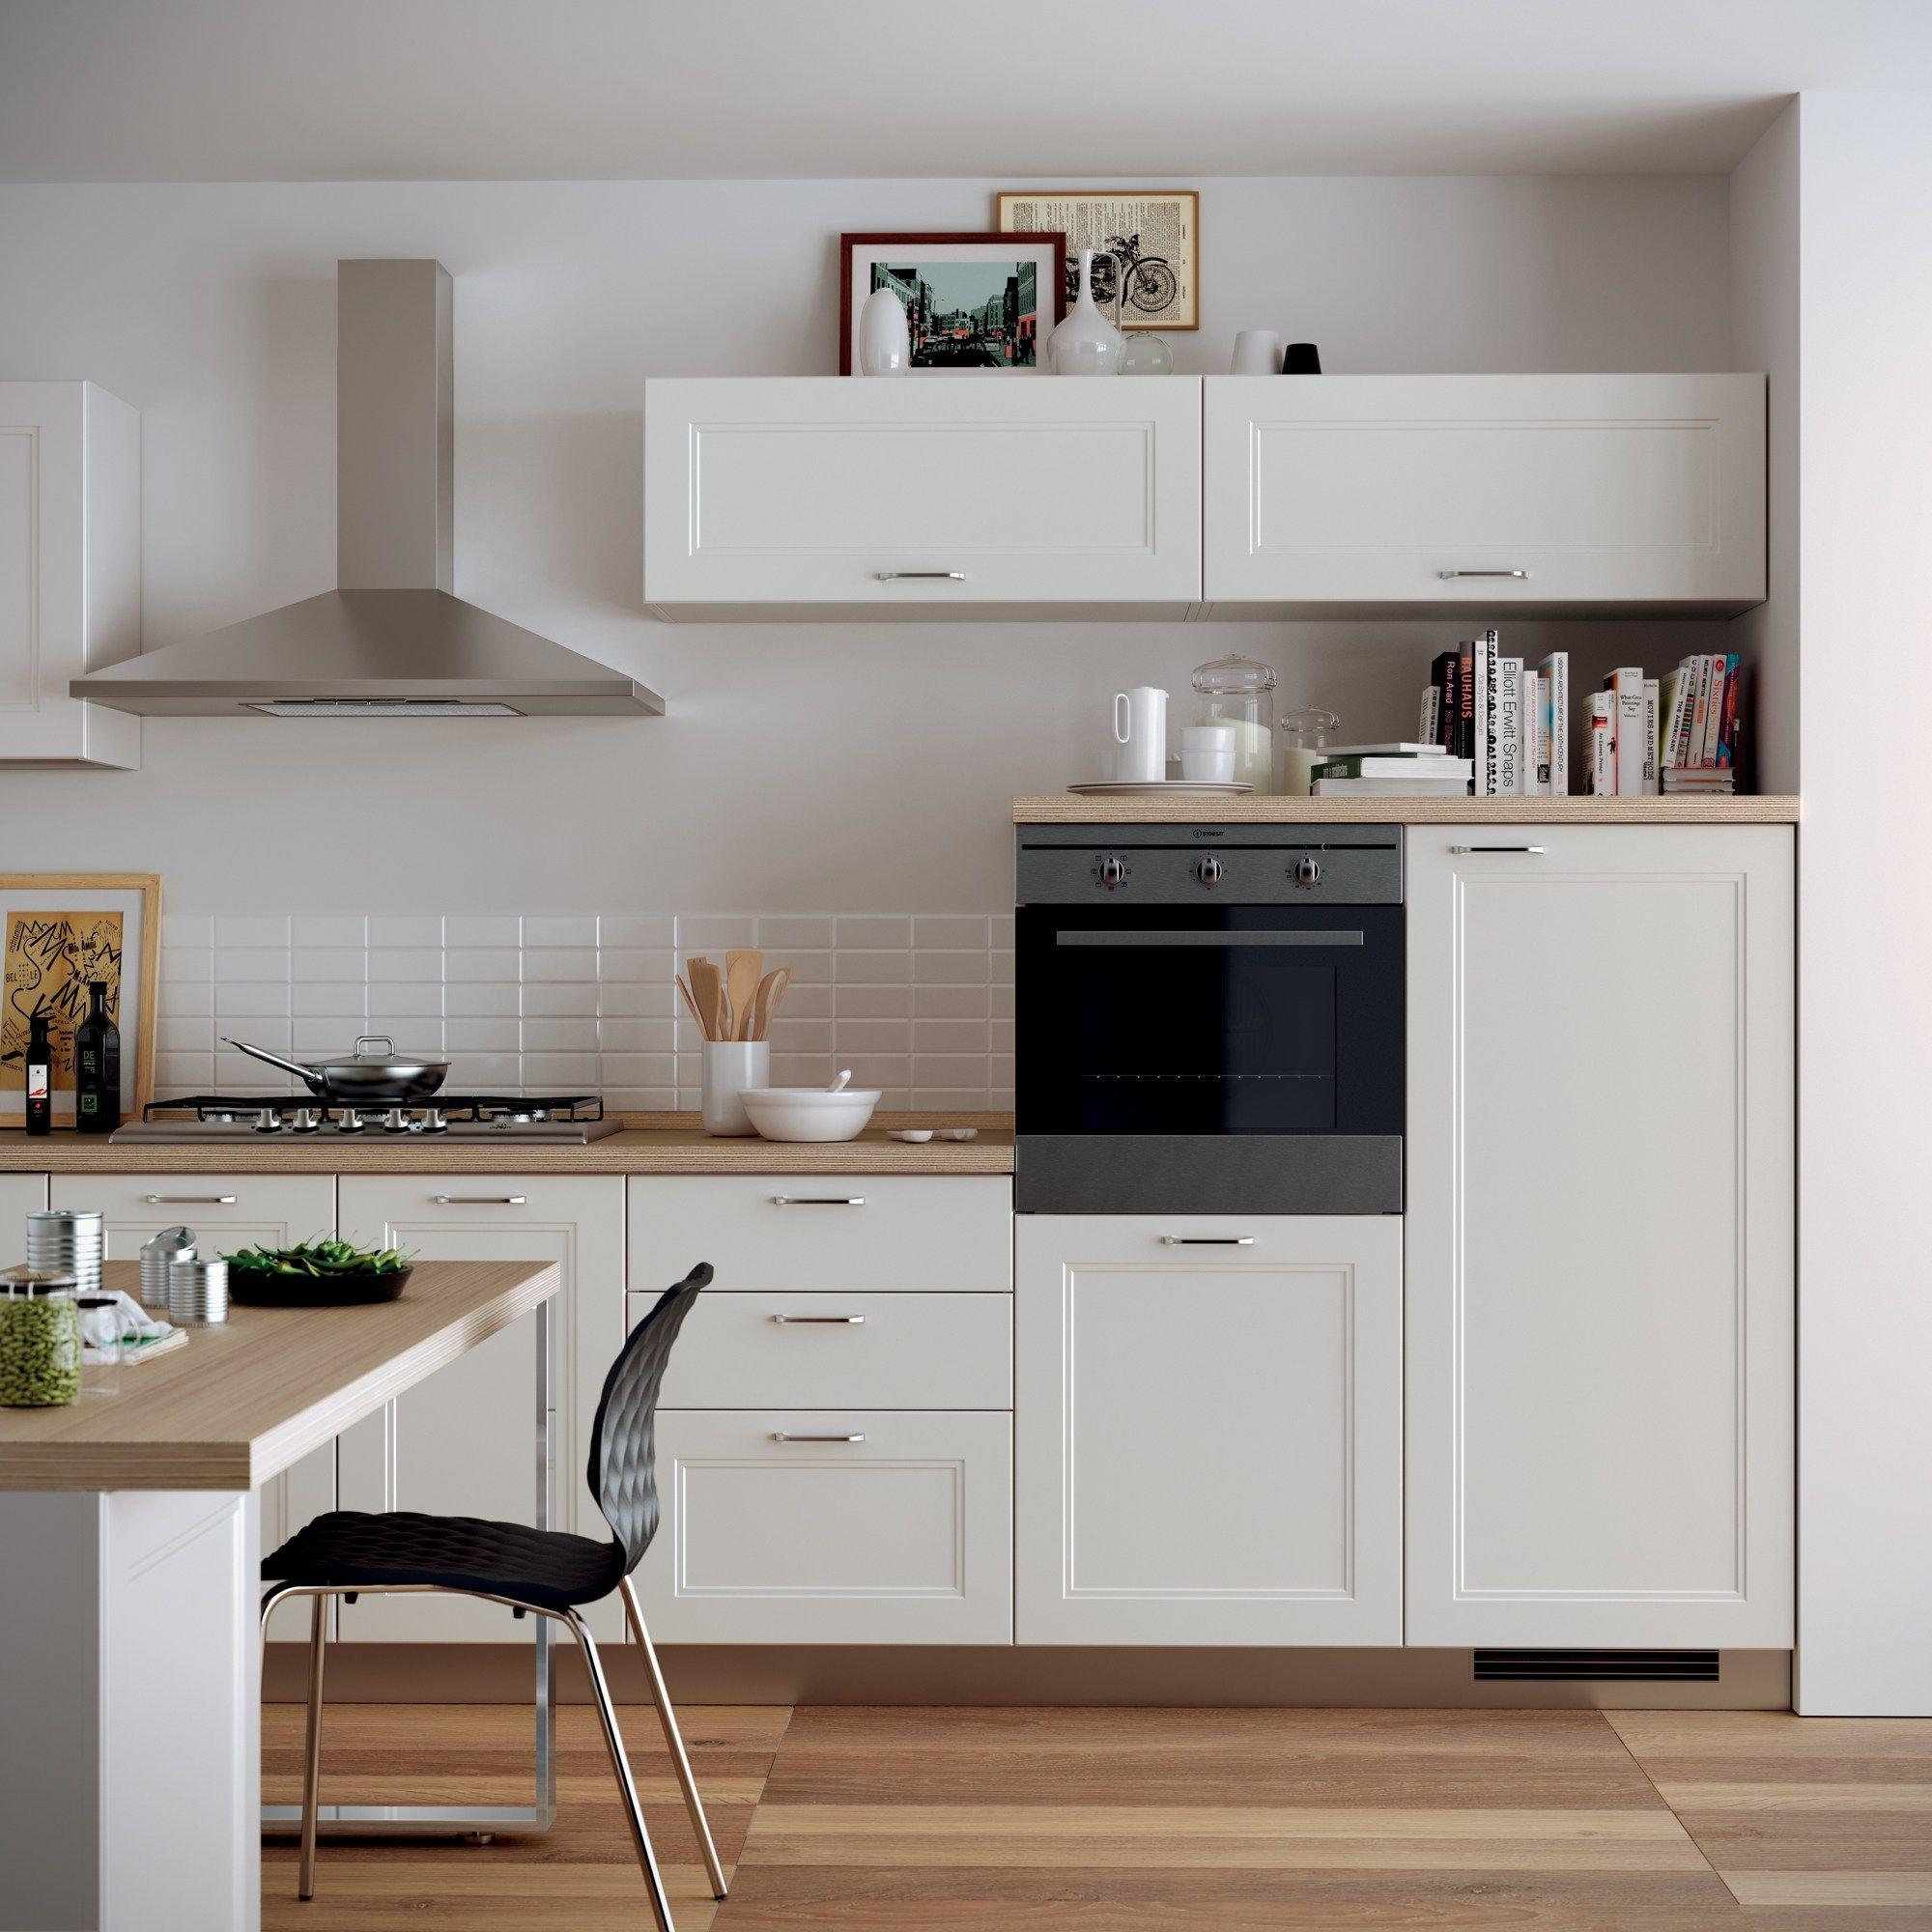 Cucina componibile cucina rewind di stosa cucine libert - Creare in cucina d ...